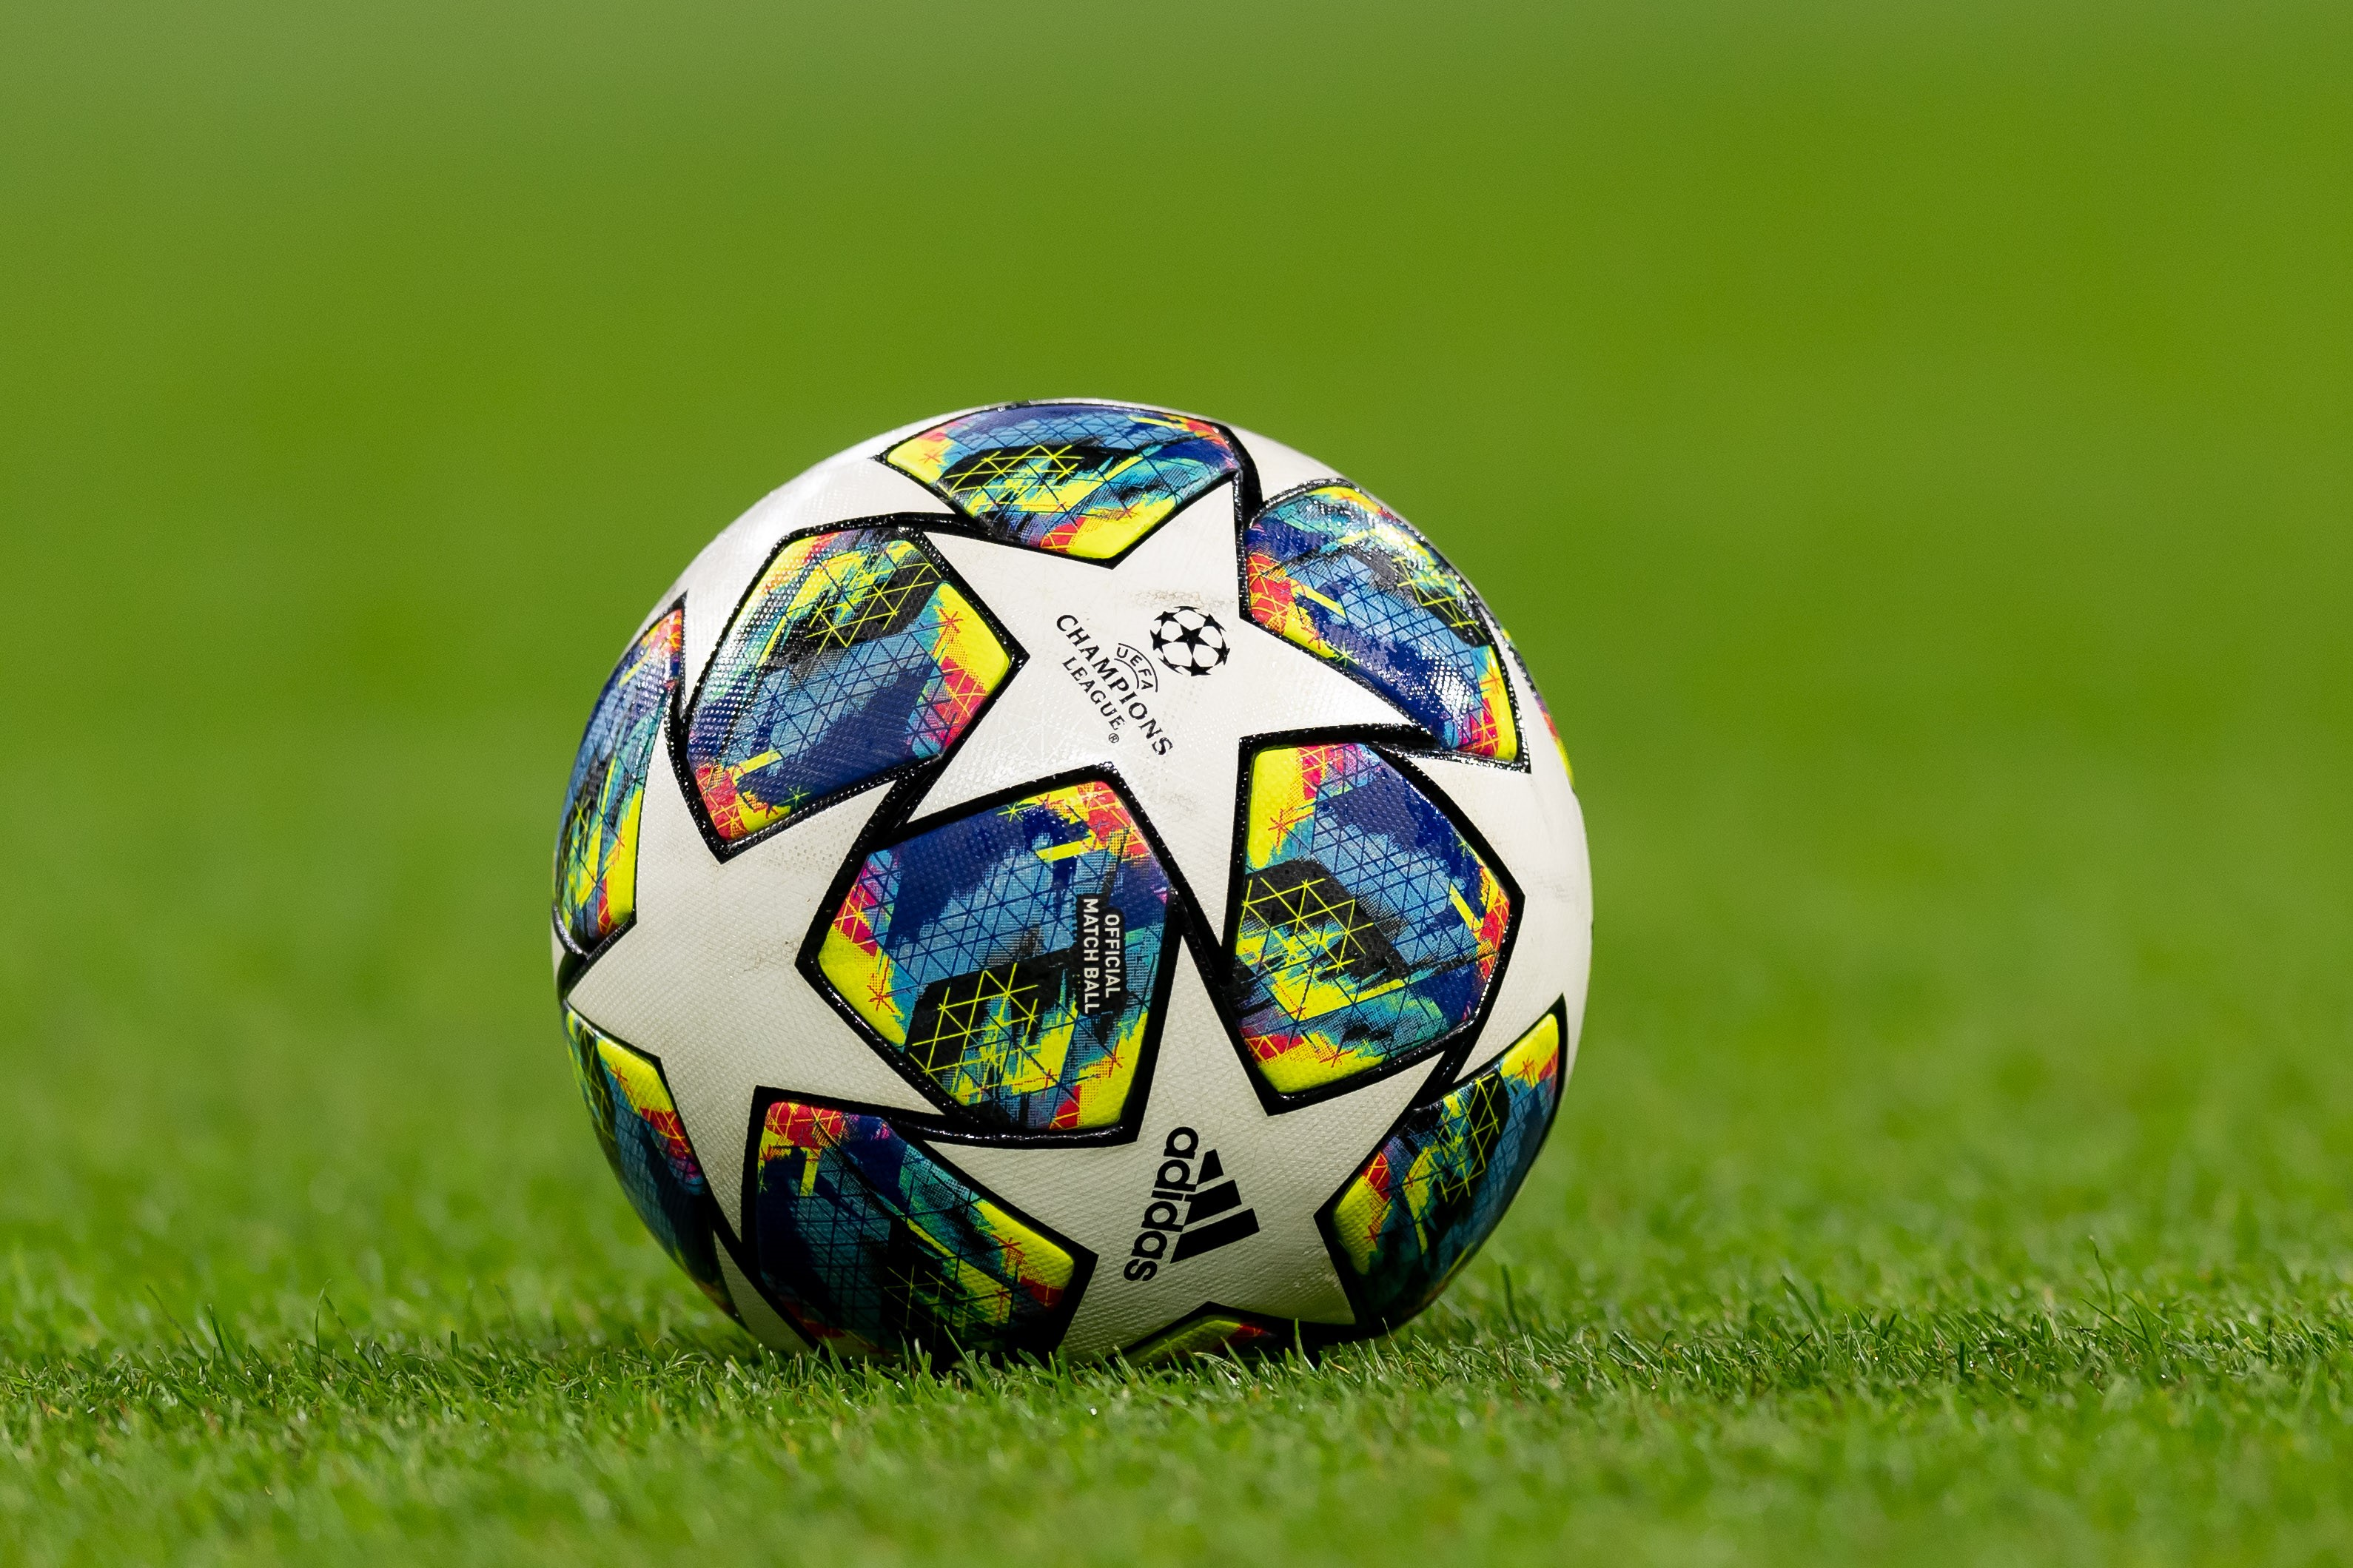 Balón de la Champions League 2019/2020 - Superlive